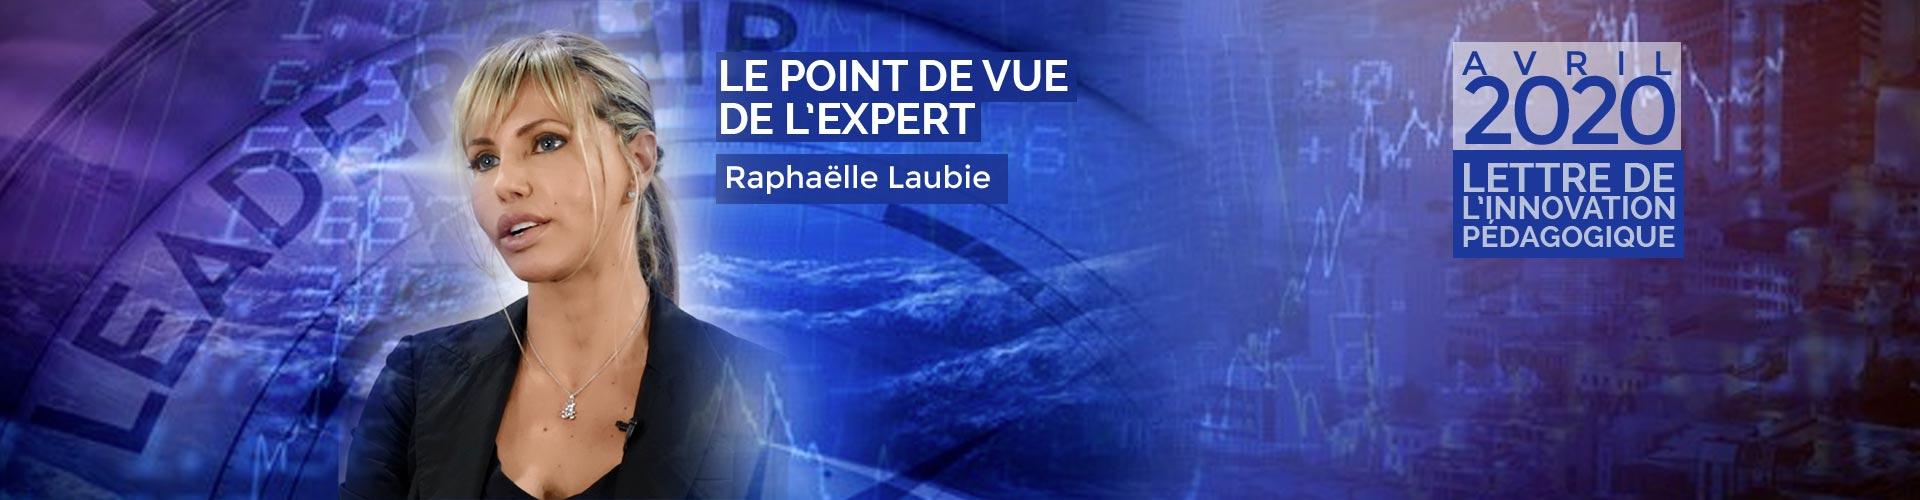 Pouvoir de référence, le pouvoir par excellence - Raphaëlle Laubie